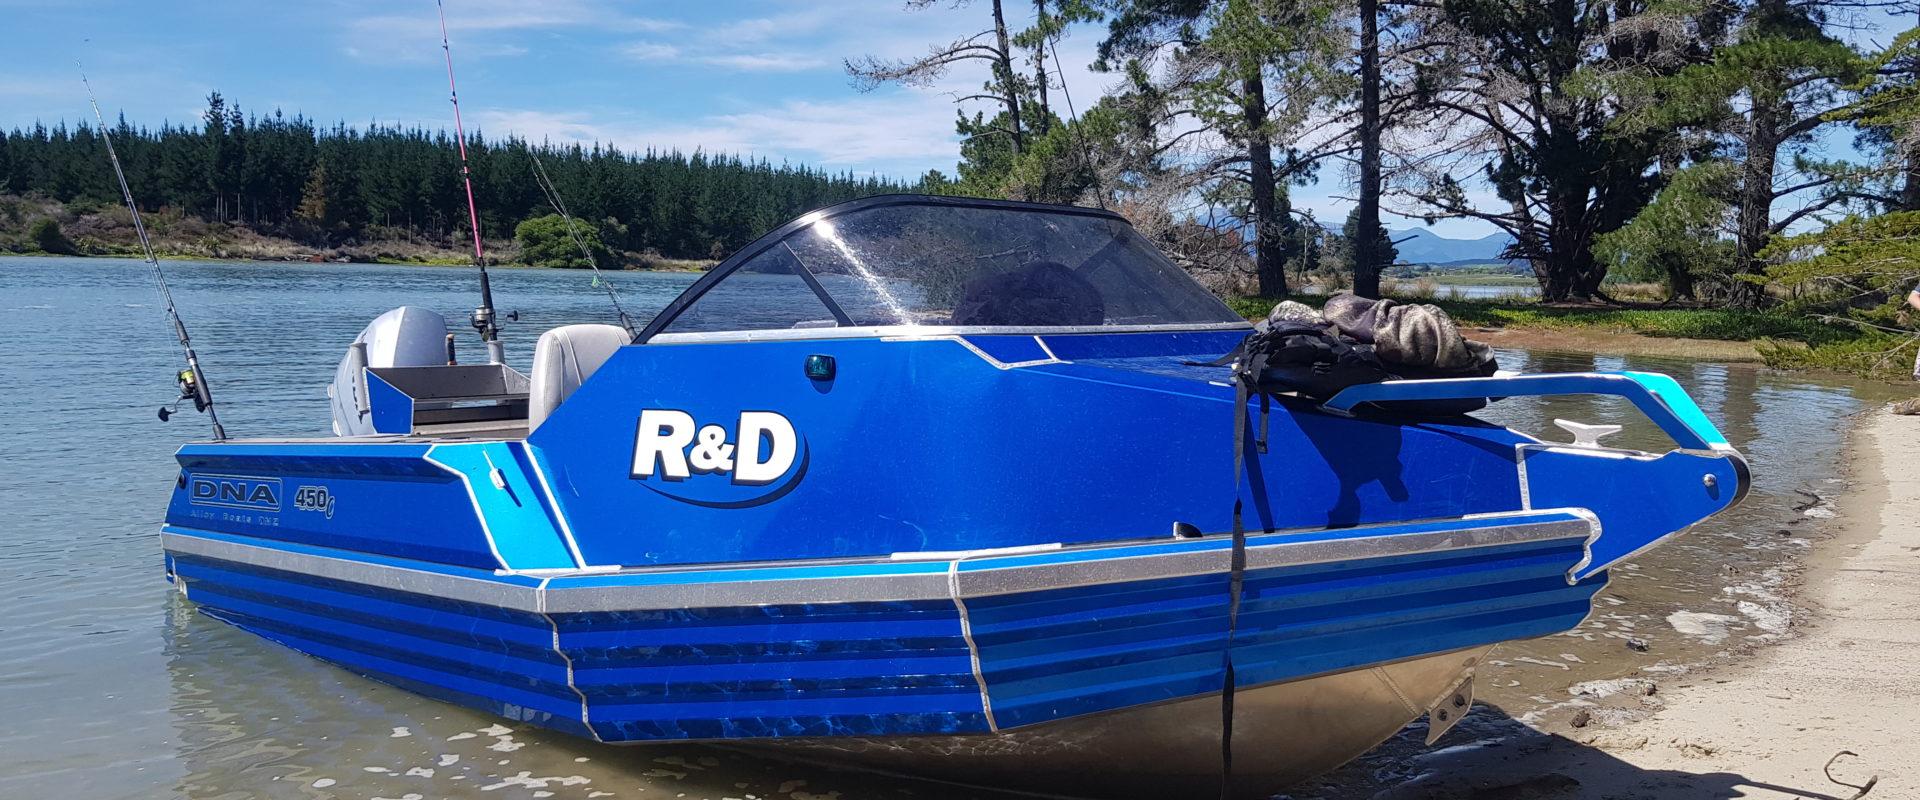 DNA Boats 450C - Rodeney Marine 3